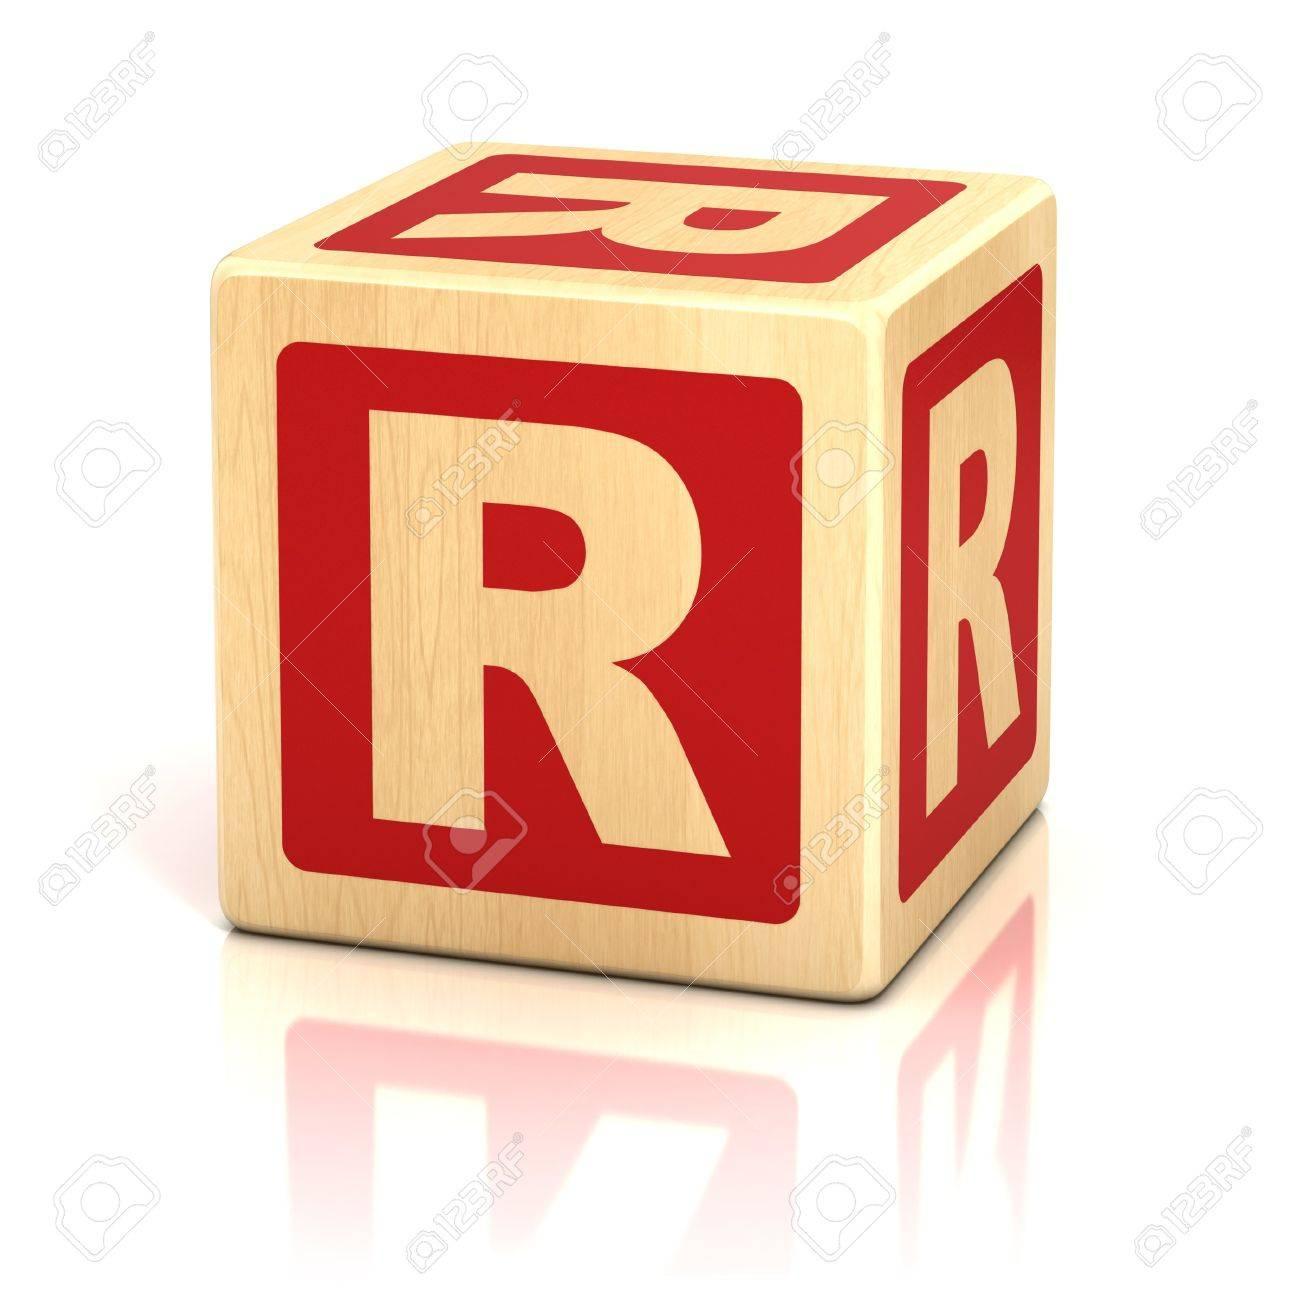 letter r alphabet cubes font Stock Photo - 19775963